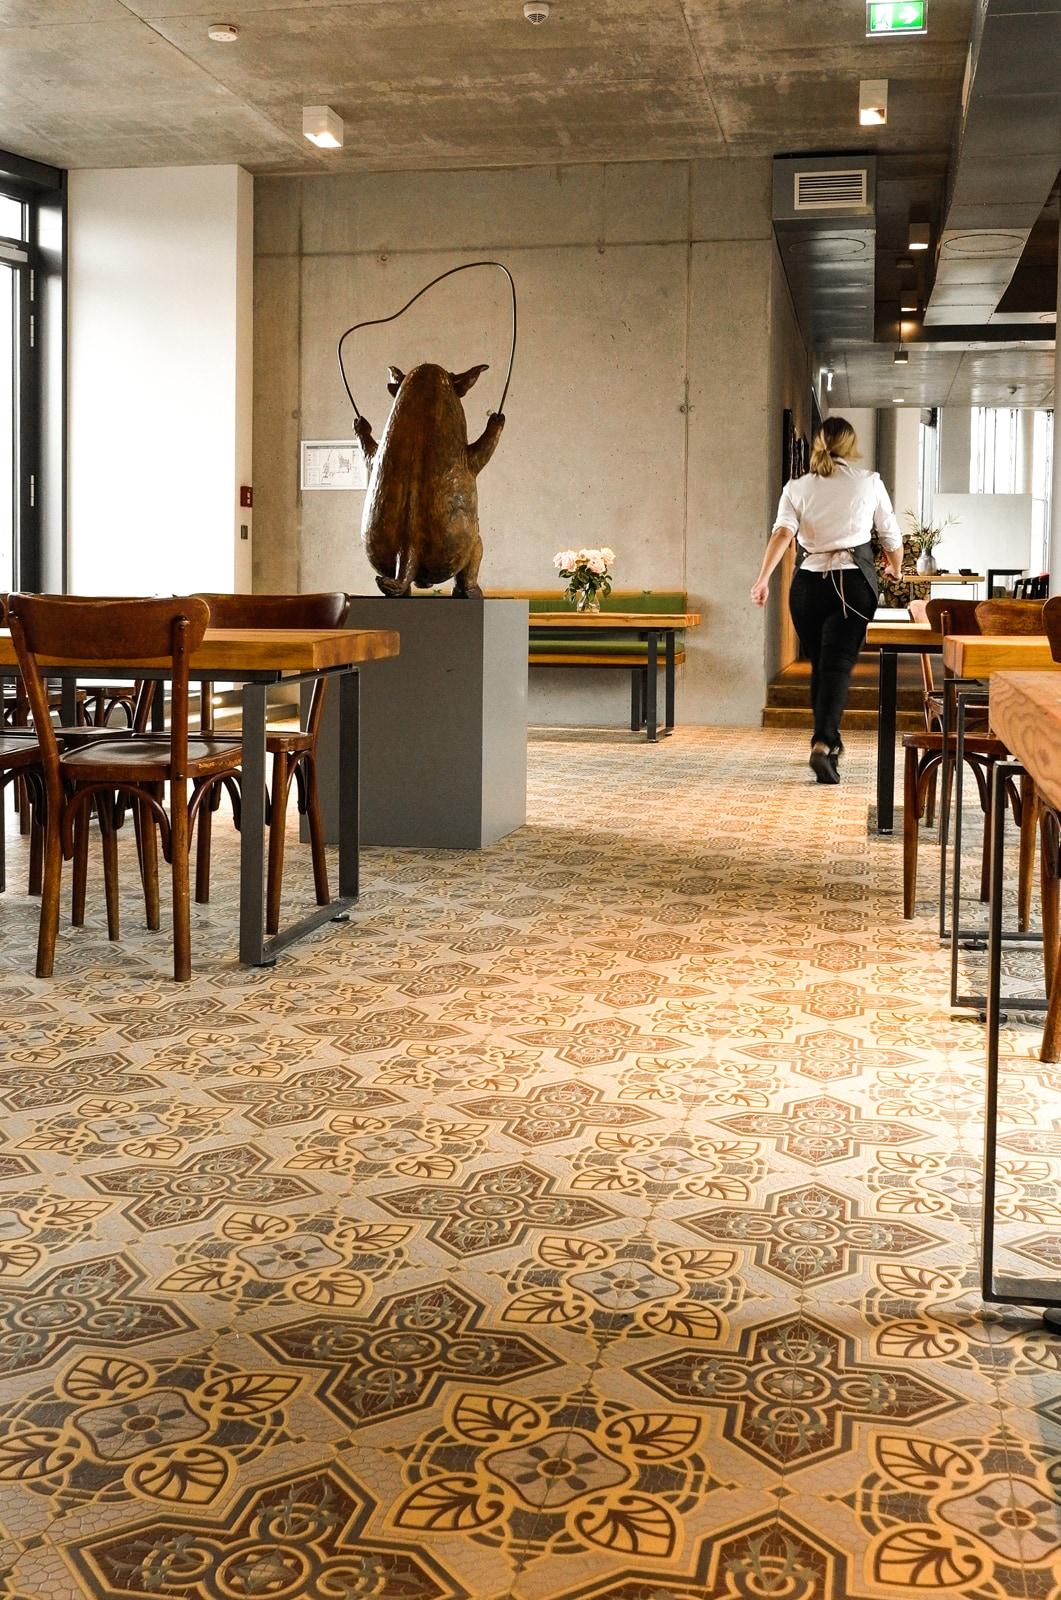 zementfliesen-VIA Zementmosaikplatten-nr.41071-cafe-02-viaplatten | 41071